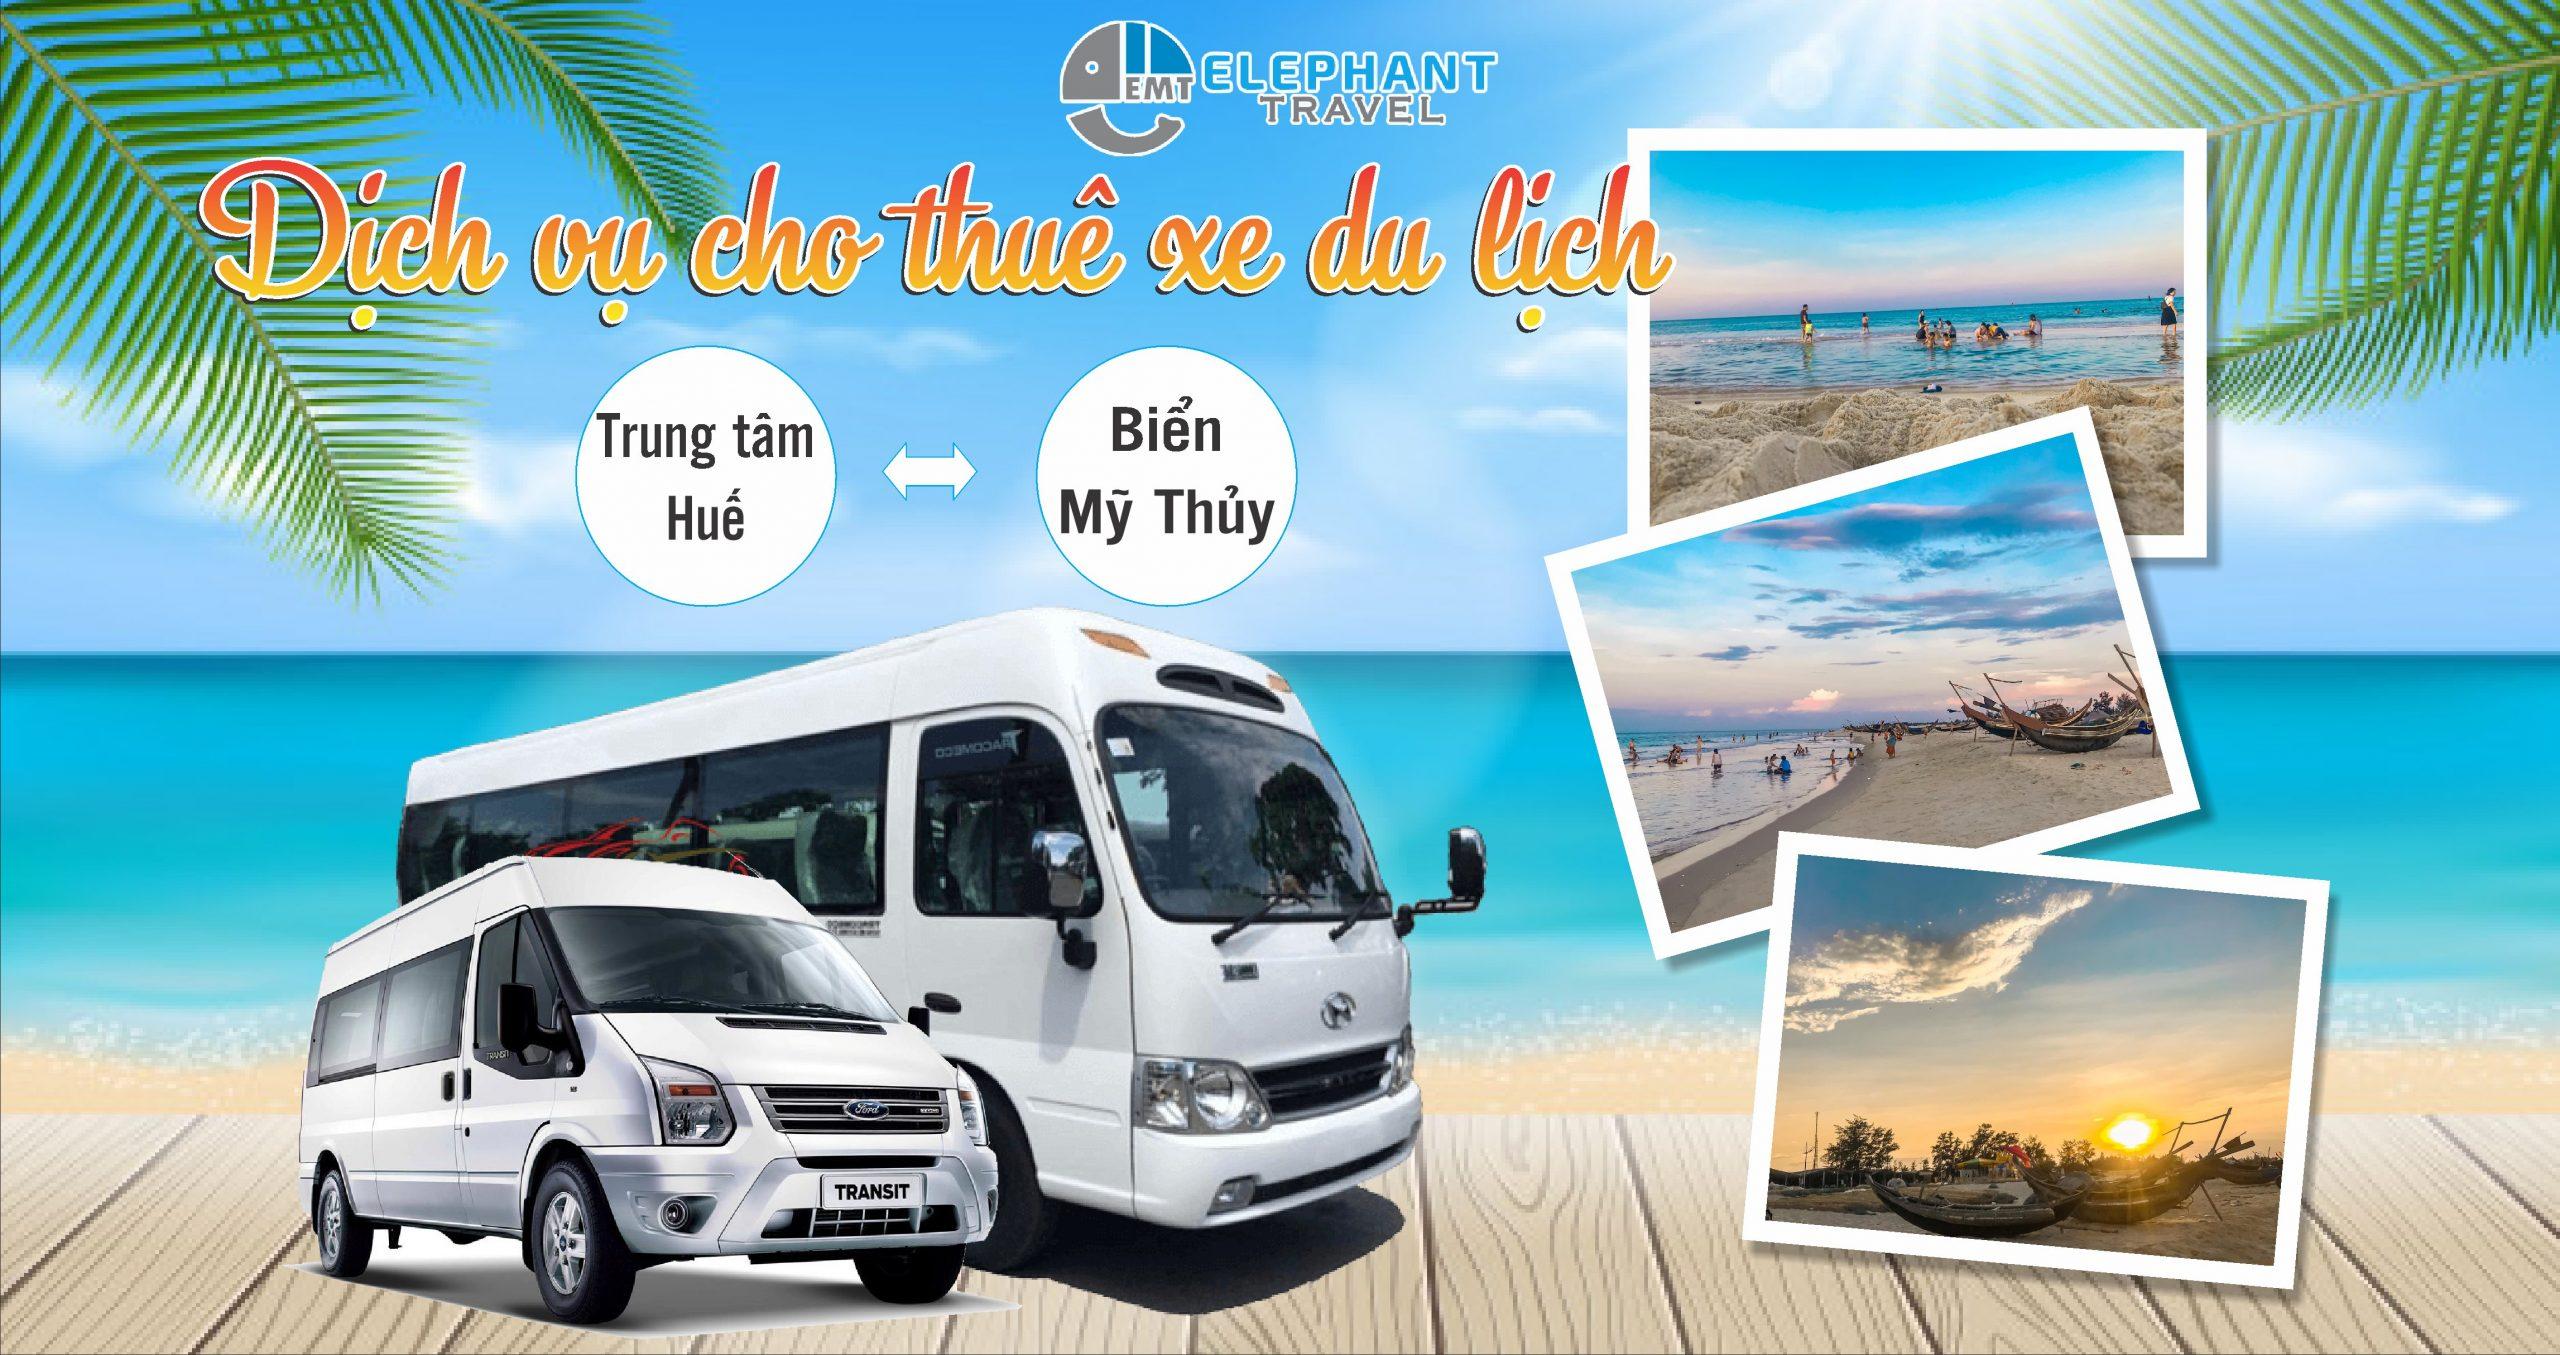 Bảng giá dịch vụ cho thuê xe Huế đi biển Mỹ Thủy – Quảng Trị